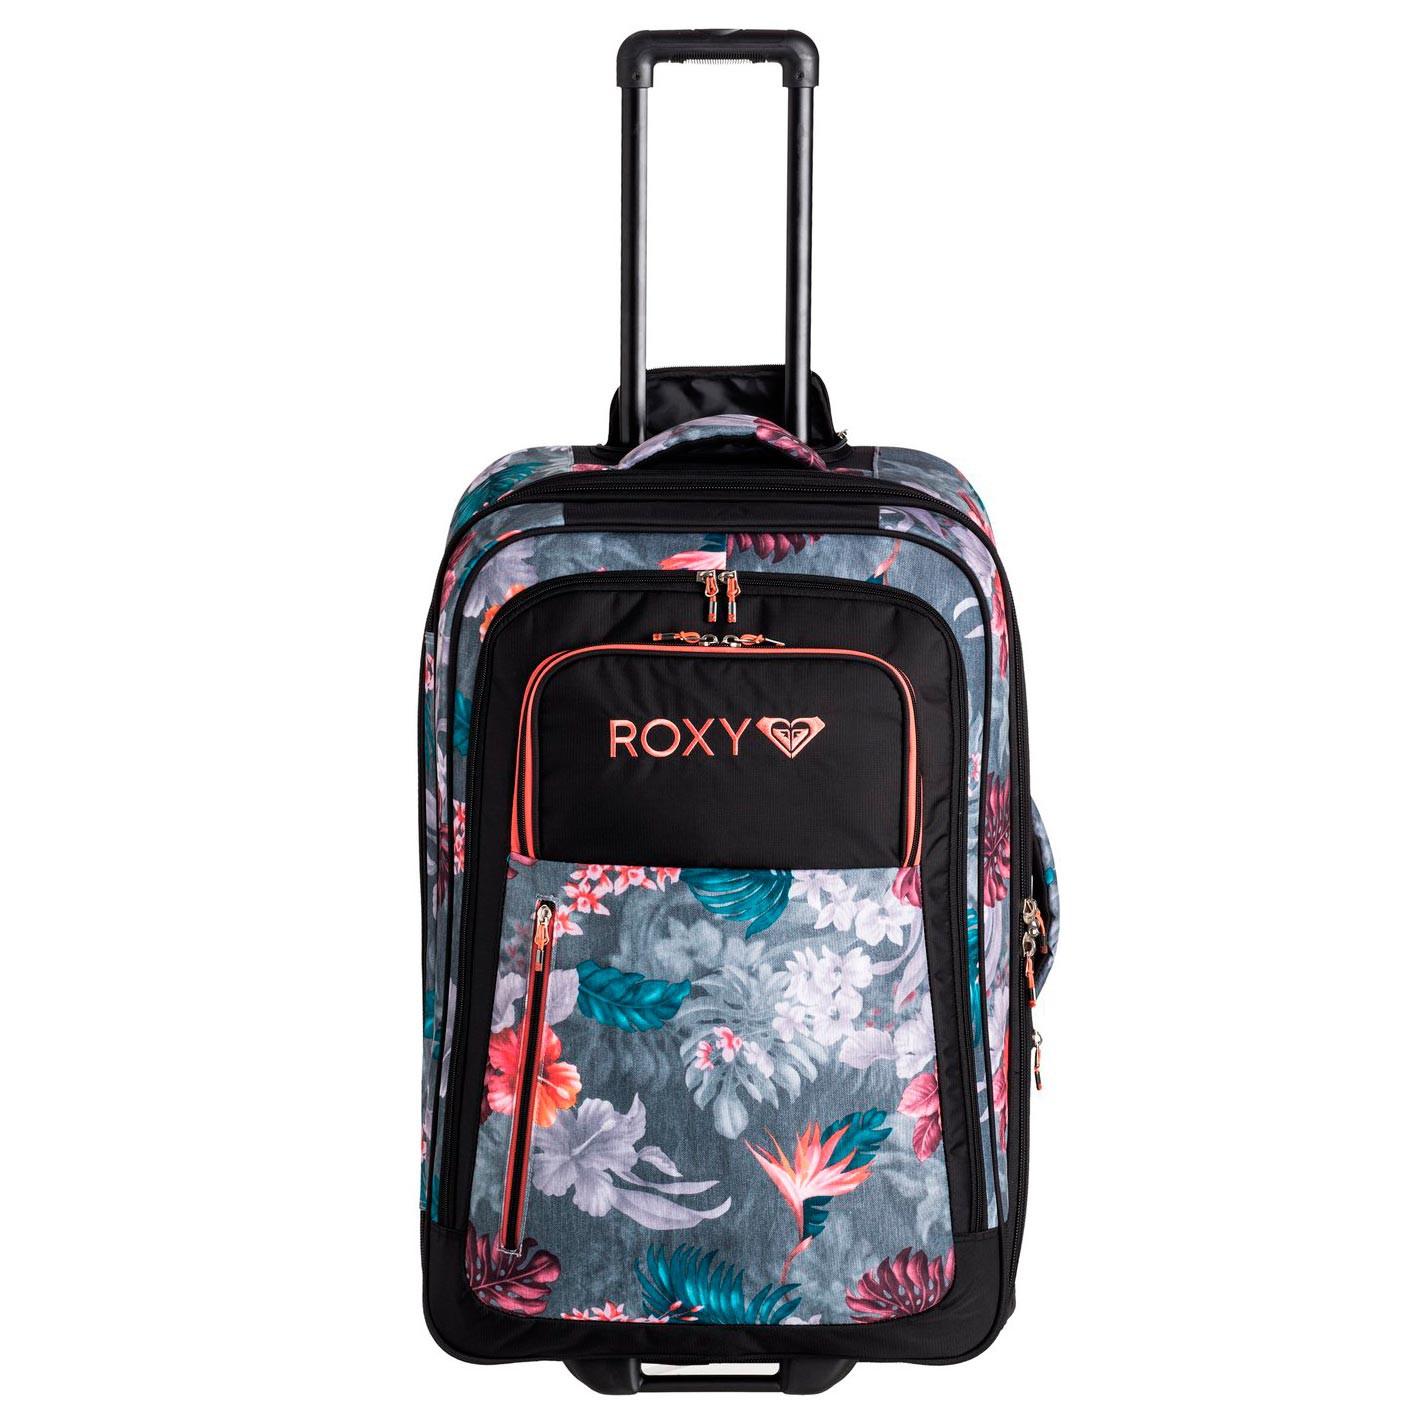 Cestovní taška Roxy Long Haul Travel hawaiian tropik paradise pink vel.110 L 16/17 + doručení do 24 hodin